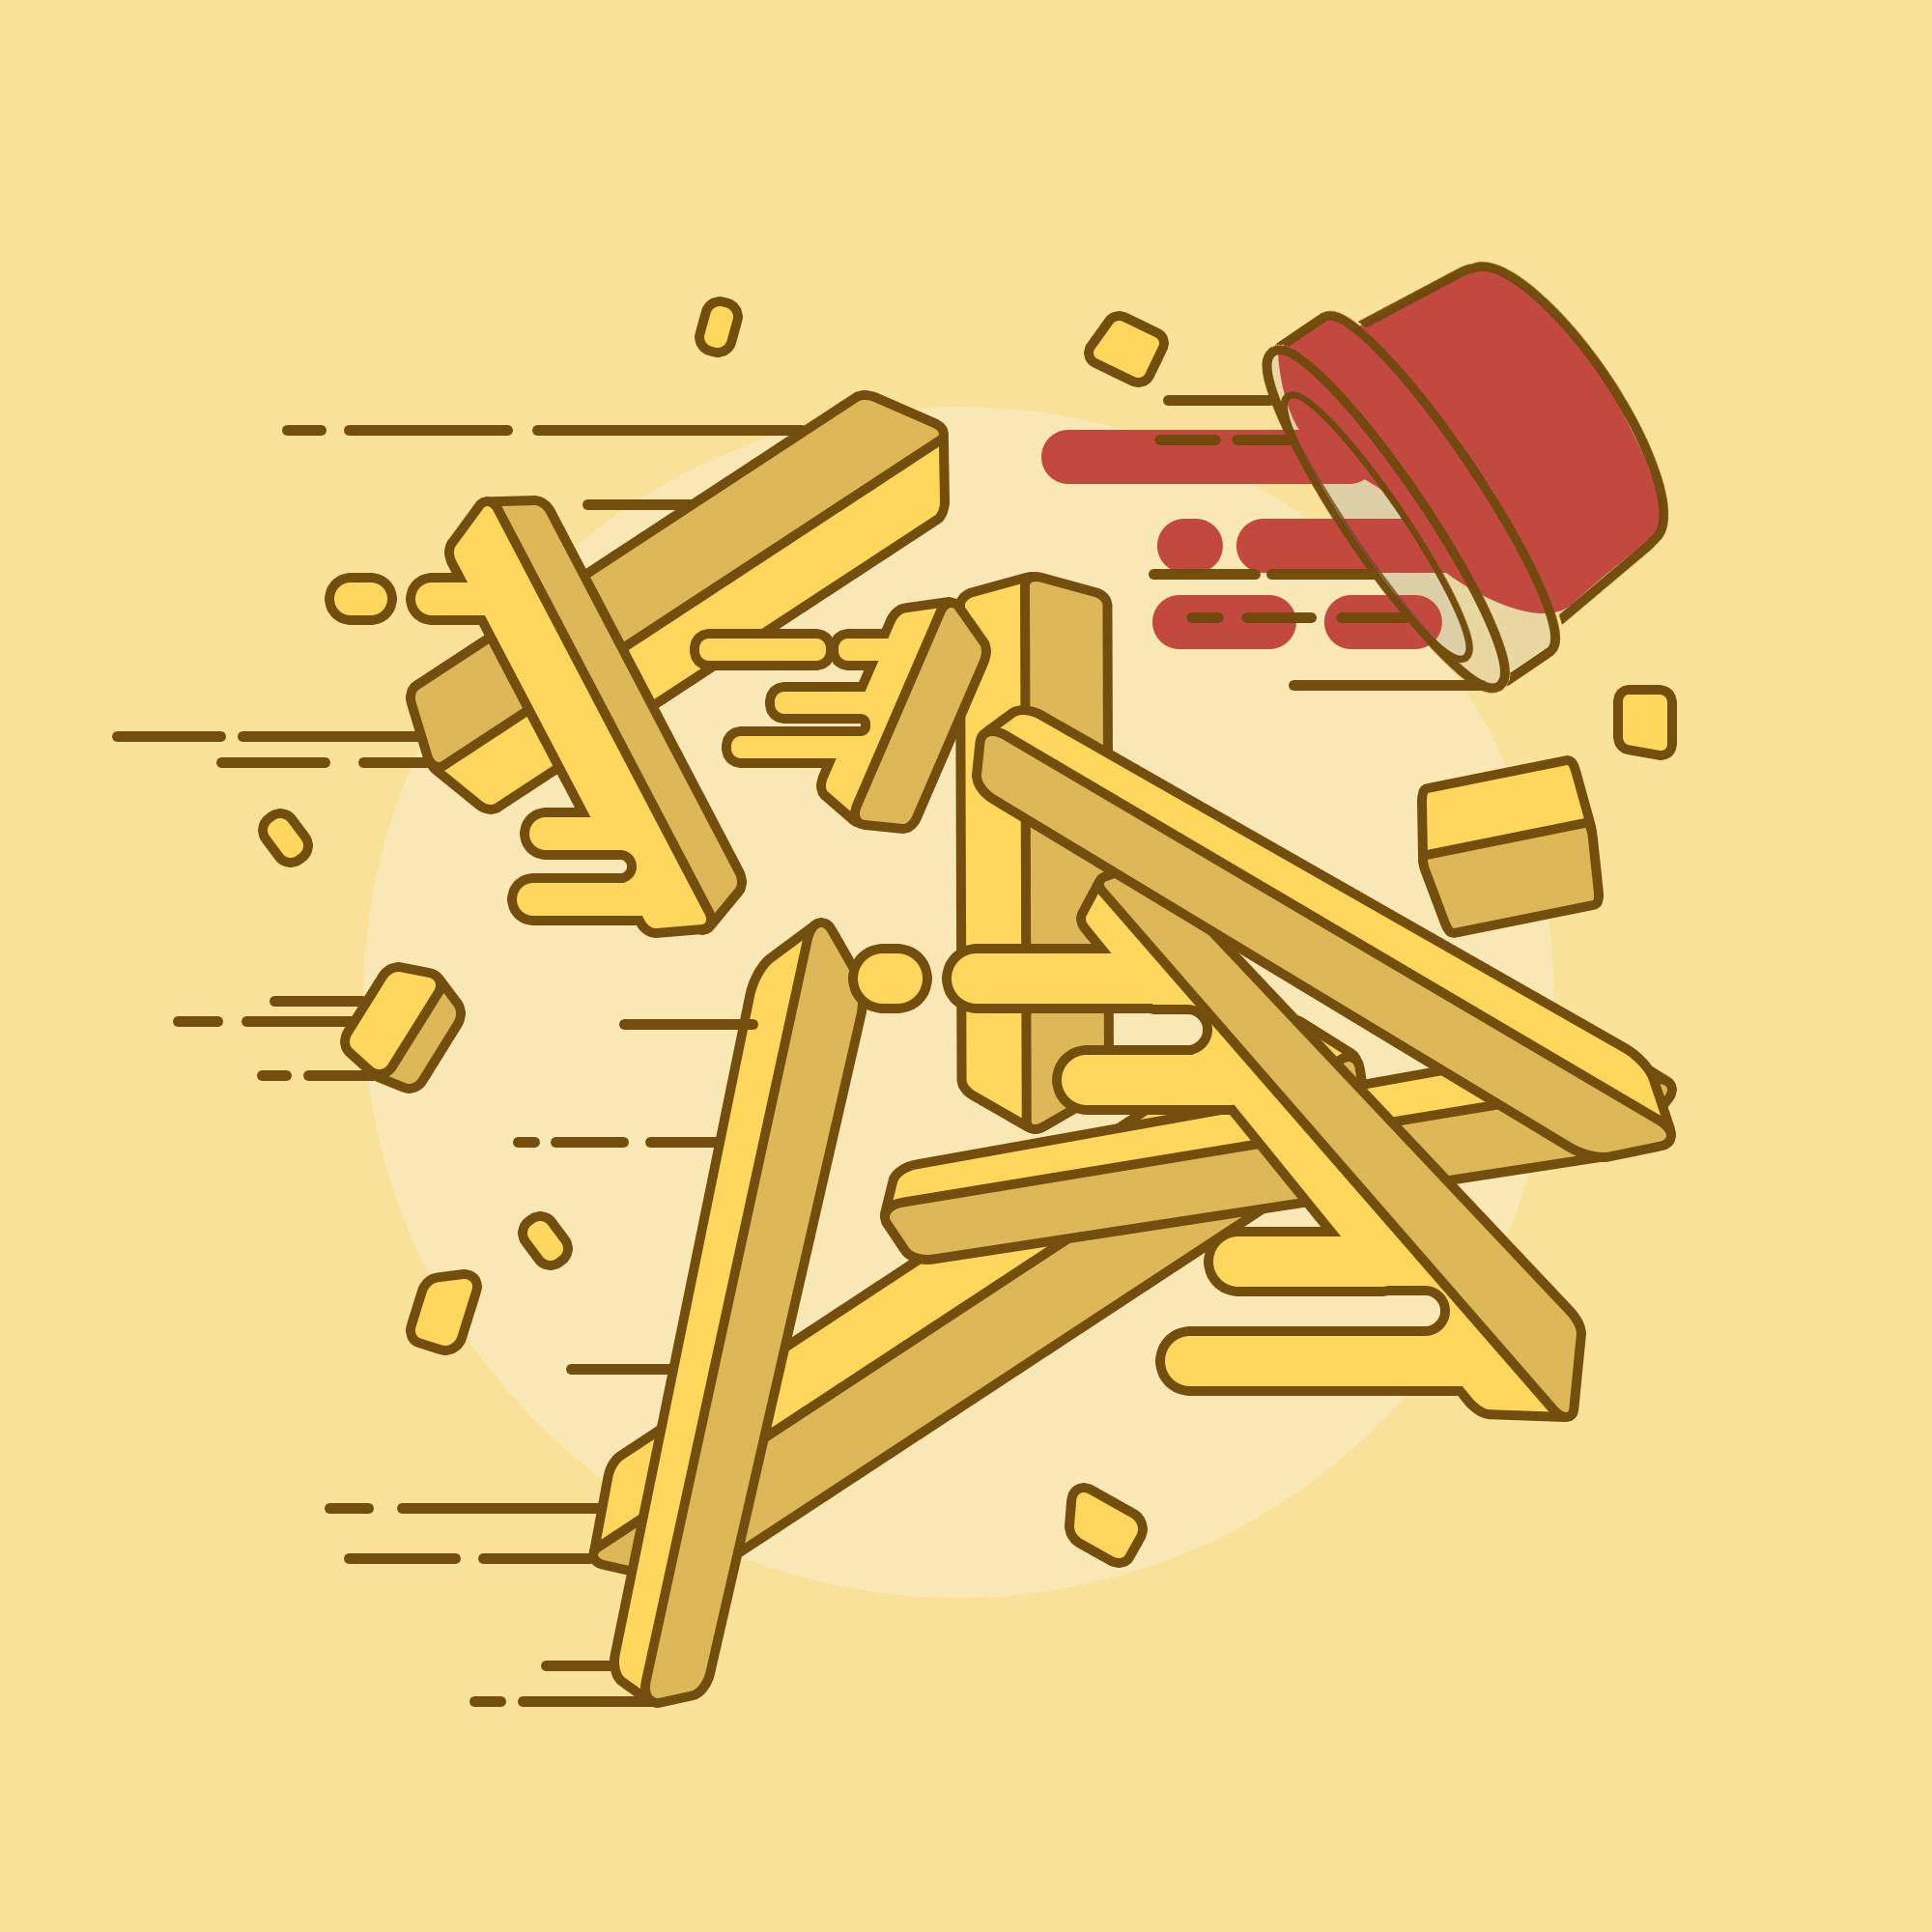 卡通薯条简笔画